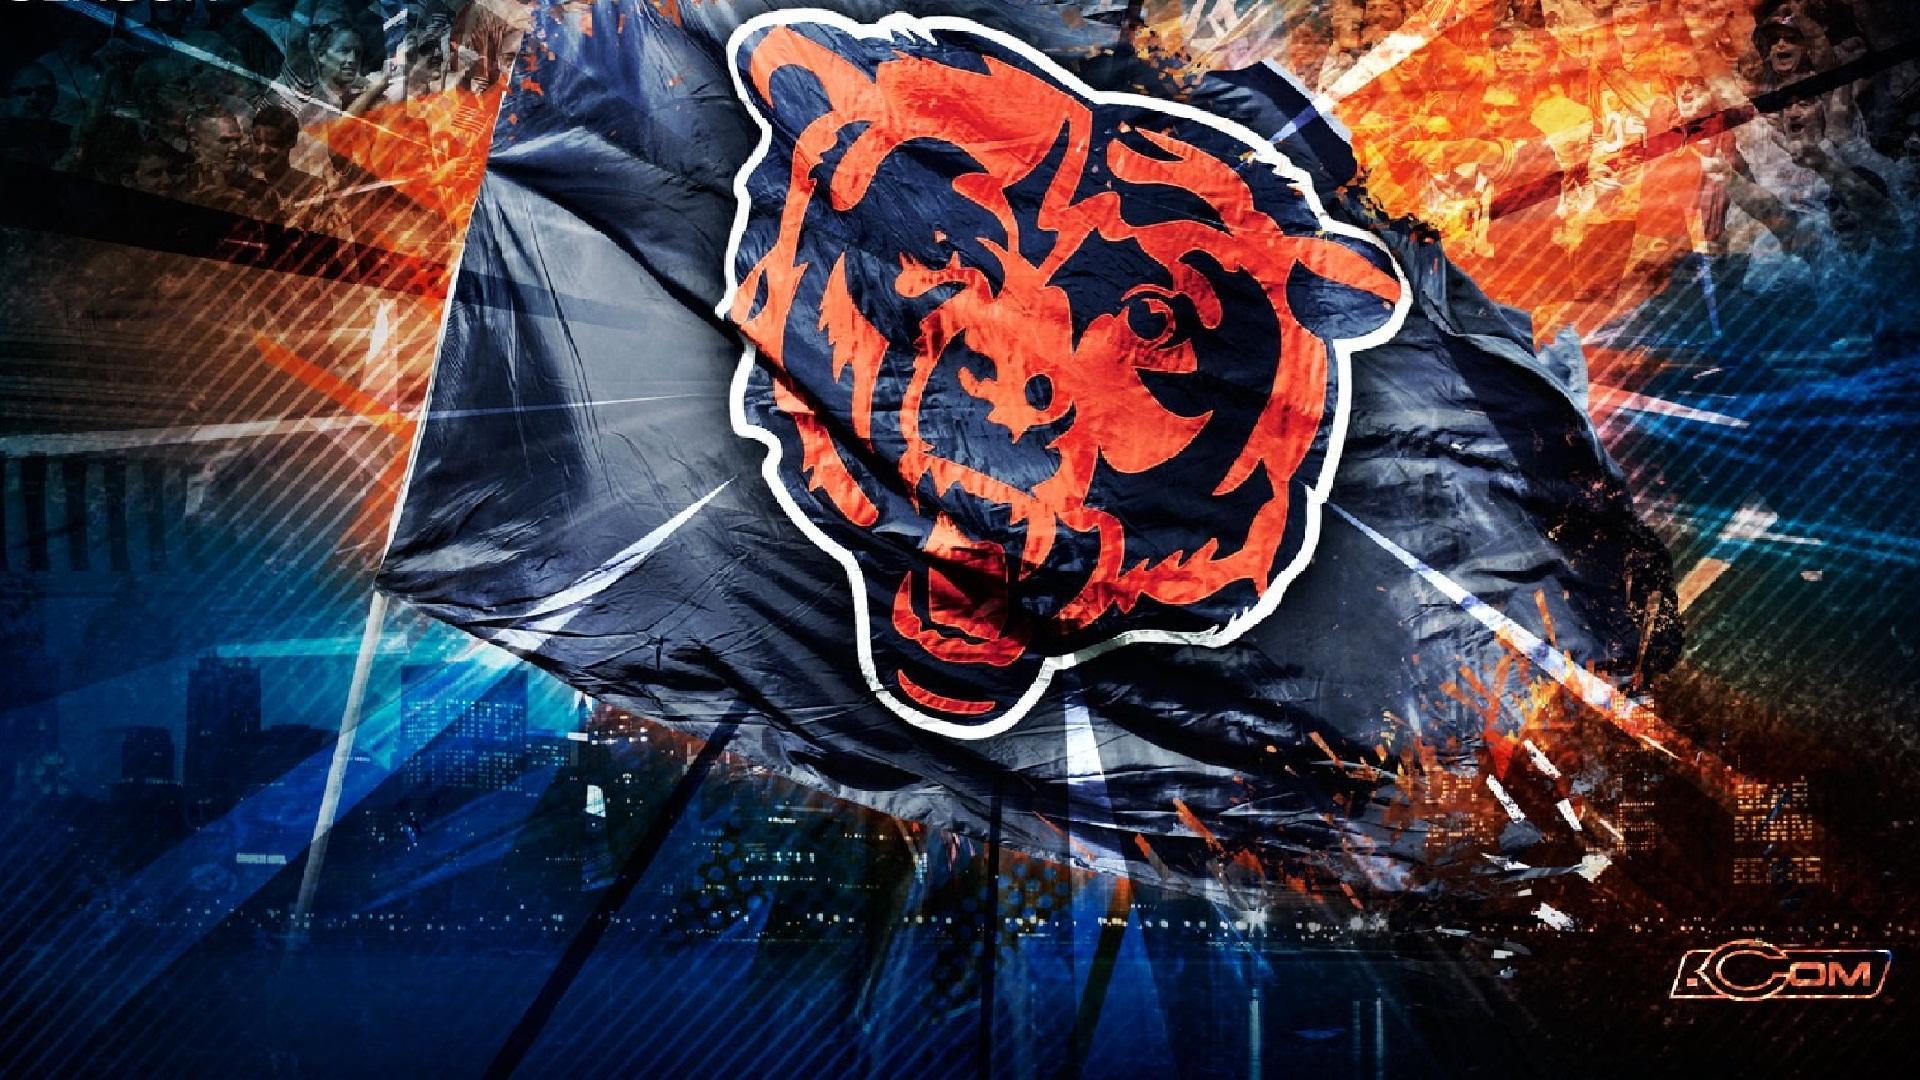 HD Desktop Wallpaper Chicago Bears   2021 NFL Football Wallpapers 1920x1080